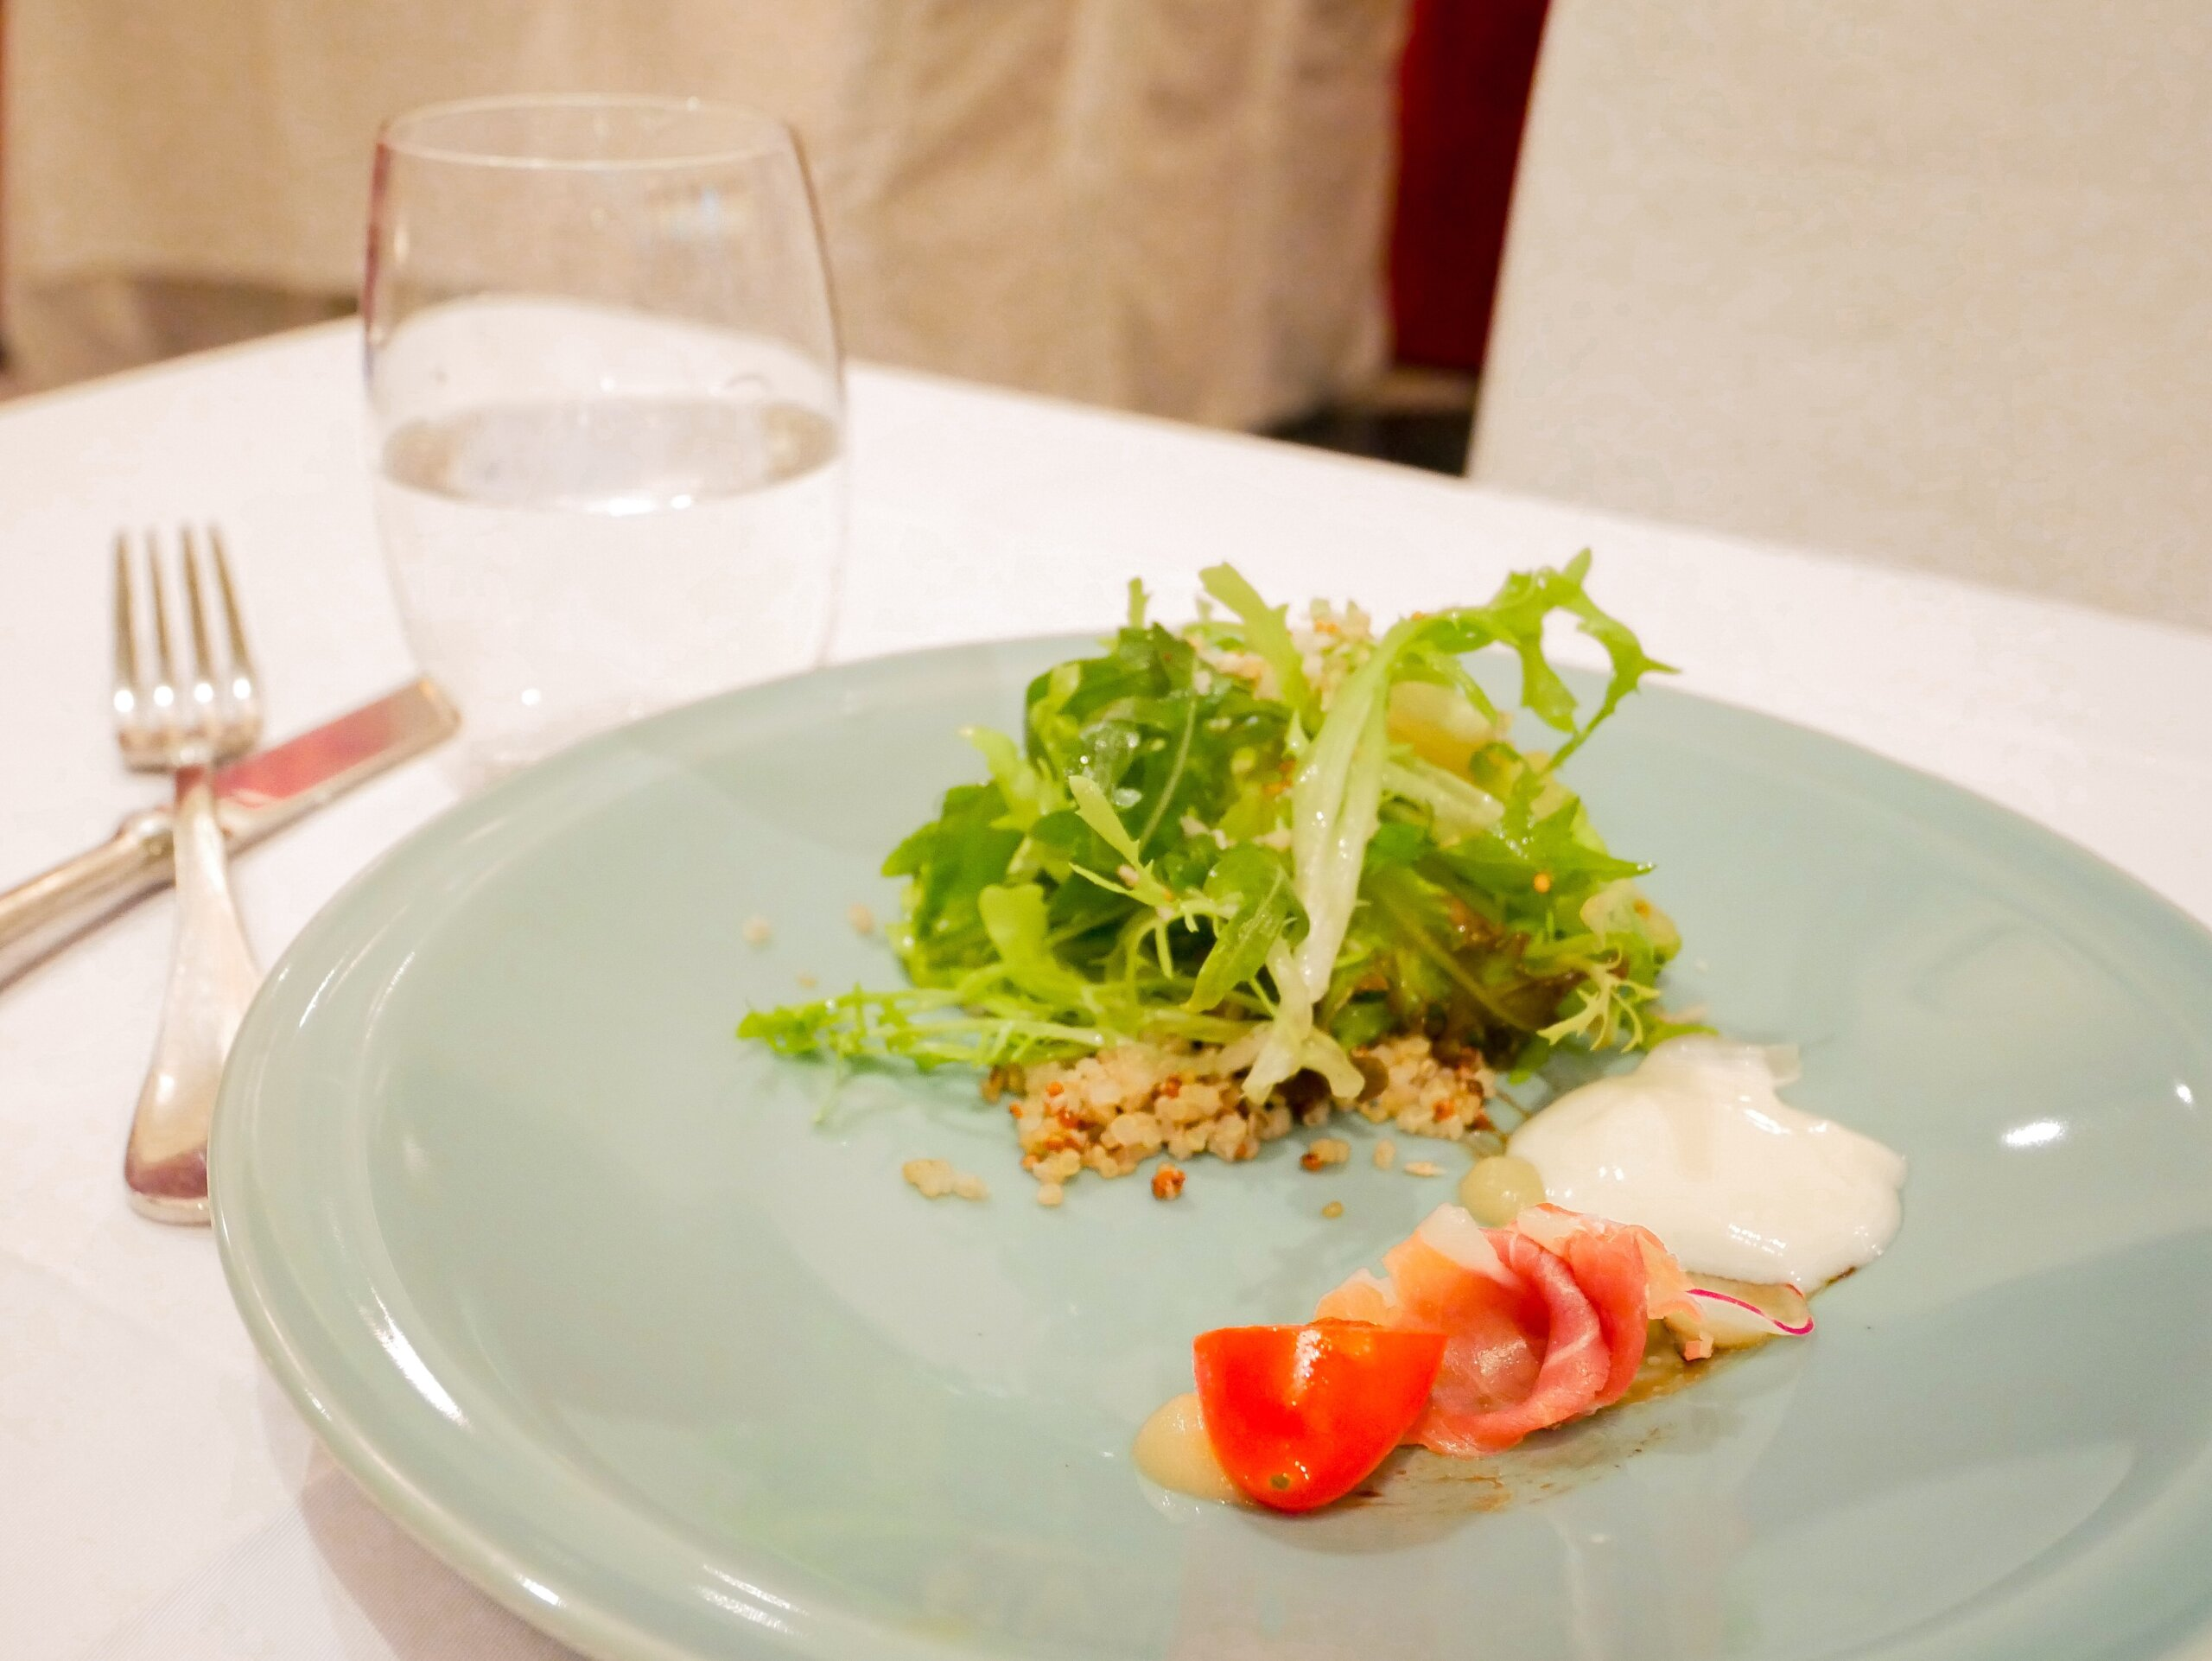 台北私廚推薦|香頌私宅洋樓|午間享用浪漫歐風無菜單料理  季節特製沙拉-藜麥優格沙拉